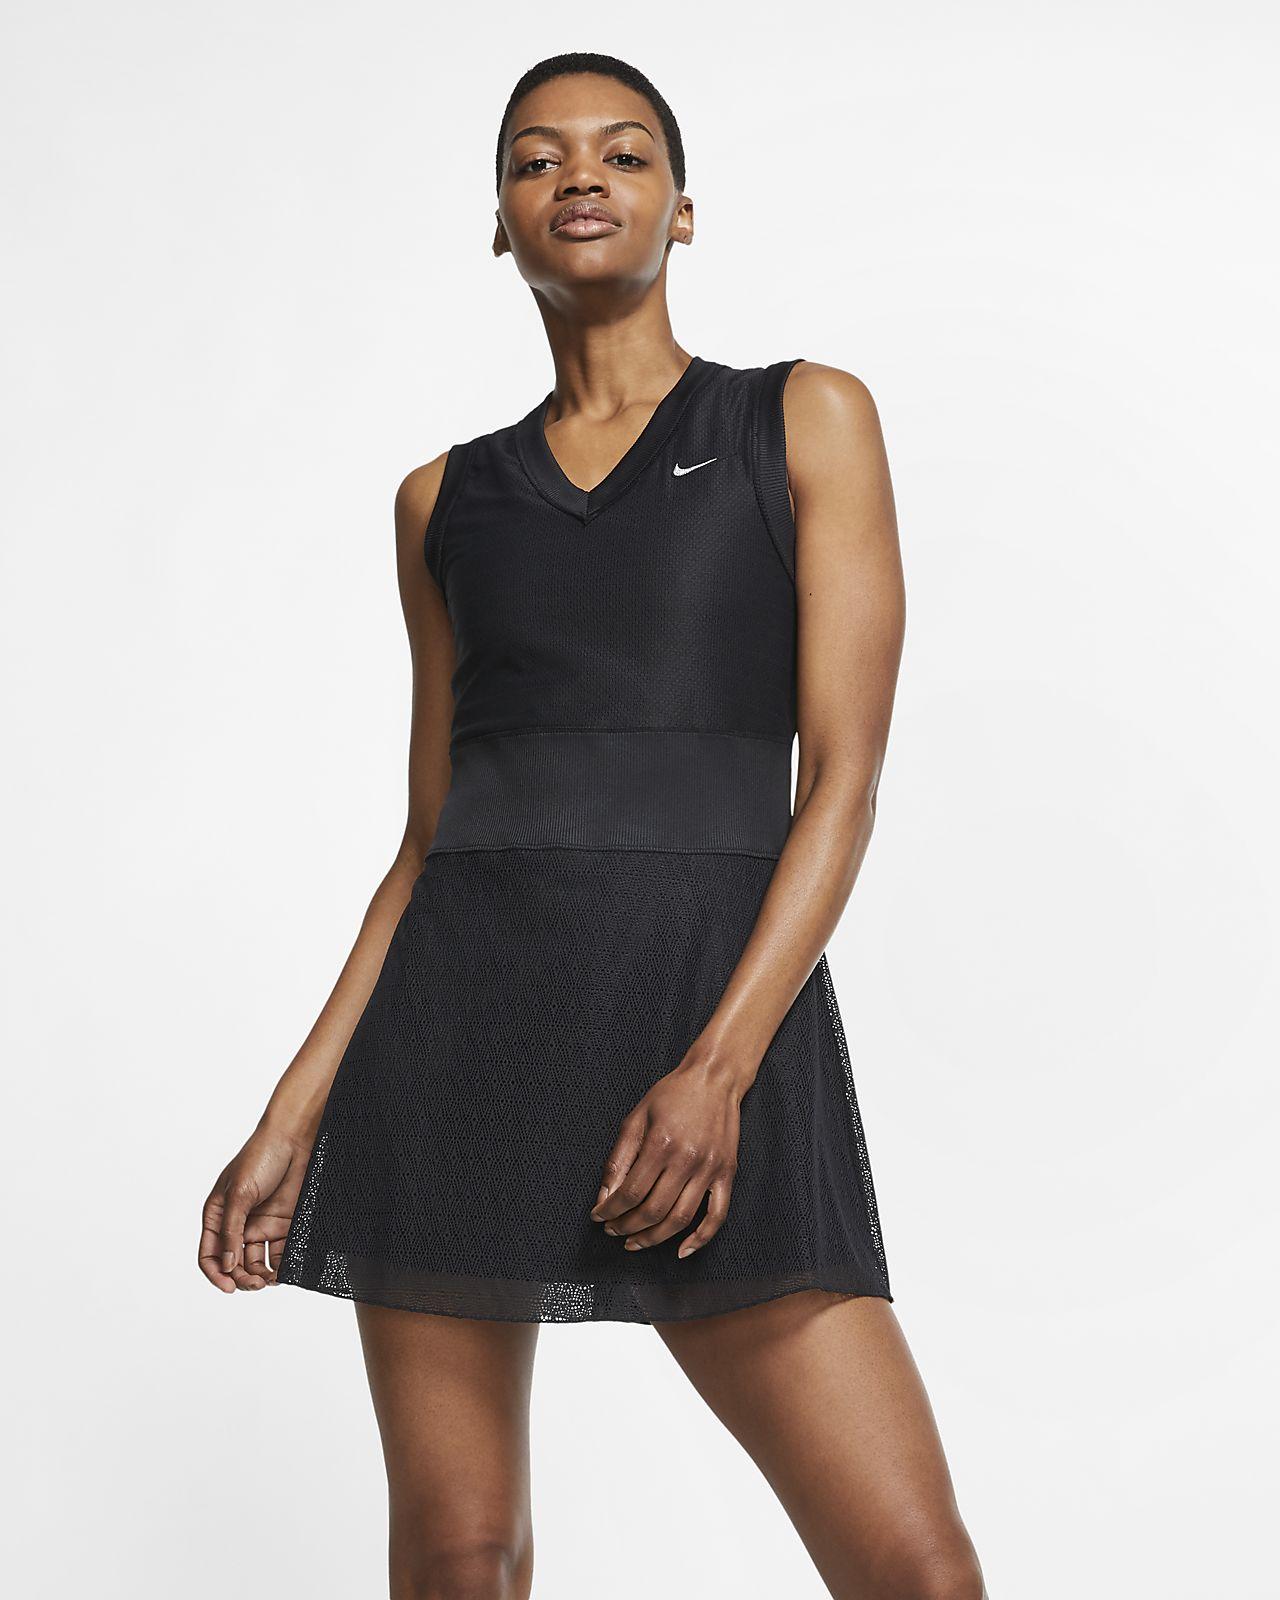 NikeCourt Slam Tennisjurk voor dames